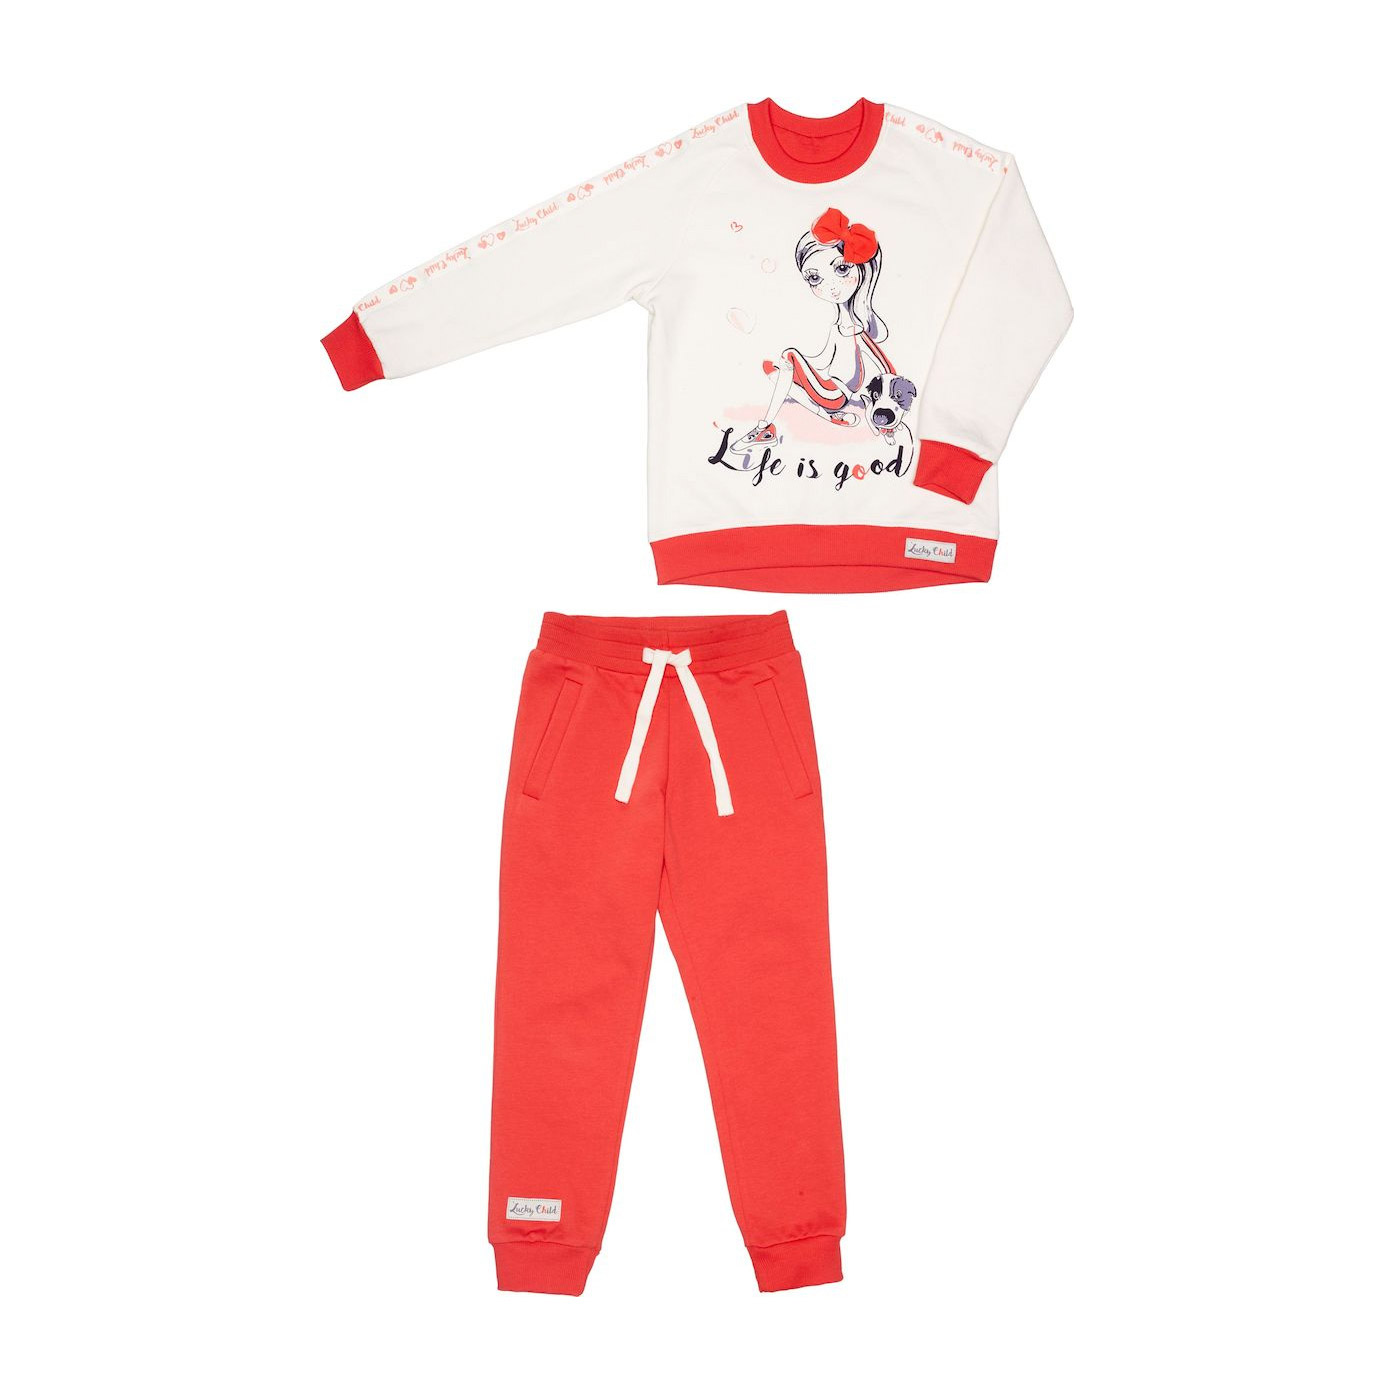 Фото - Спортивный костюм Lucky Child: толстовка и брюки коралл/молочный 110-116 спортивный костюм lucky child sport куртка и брюки 86 92